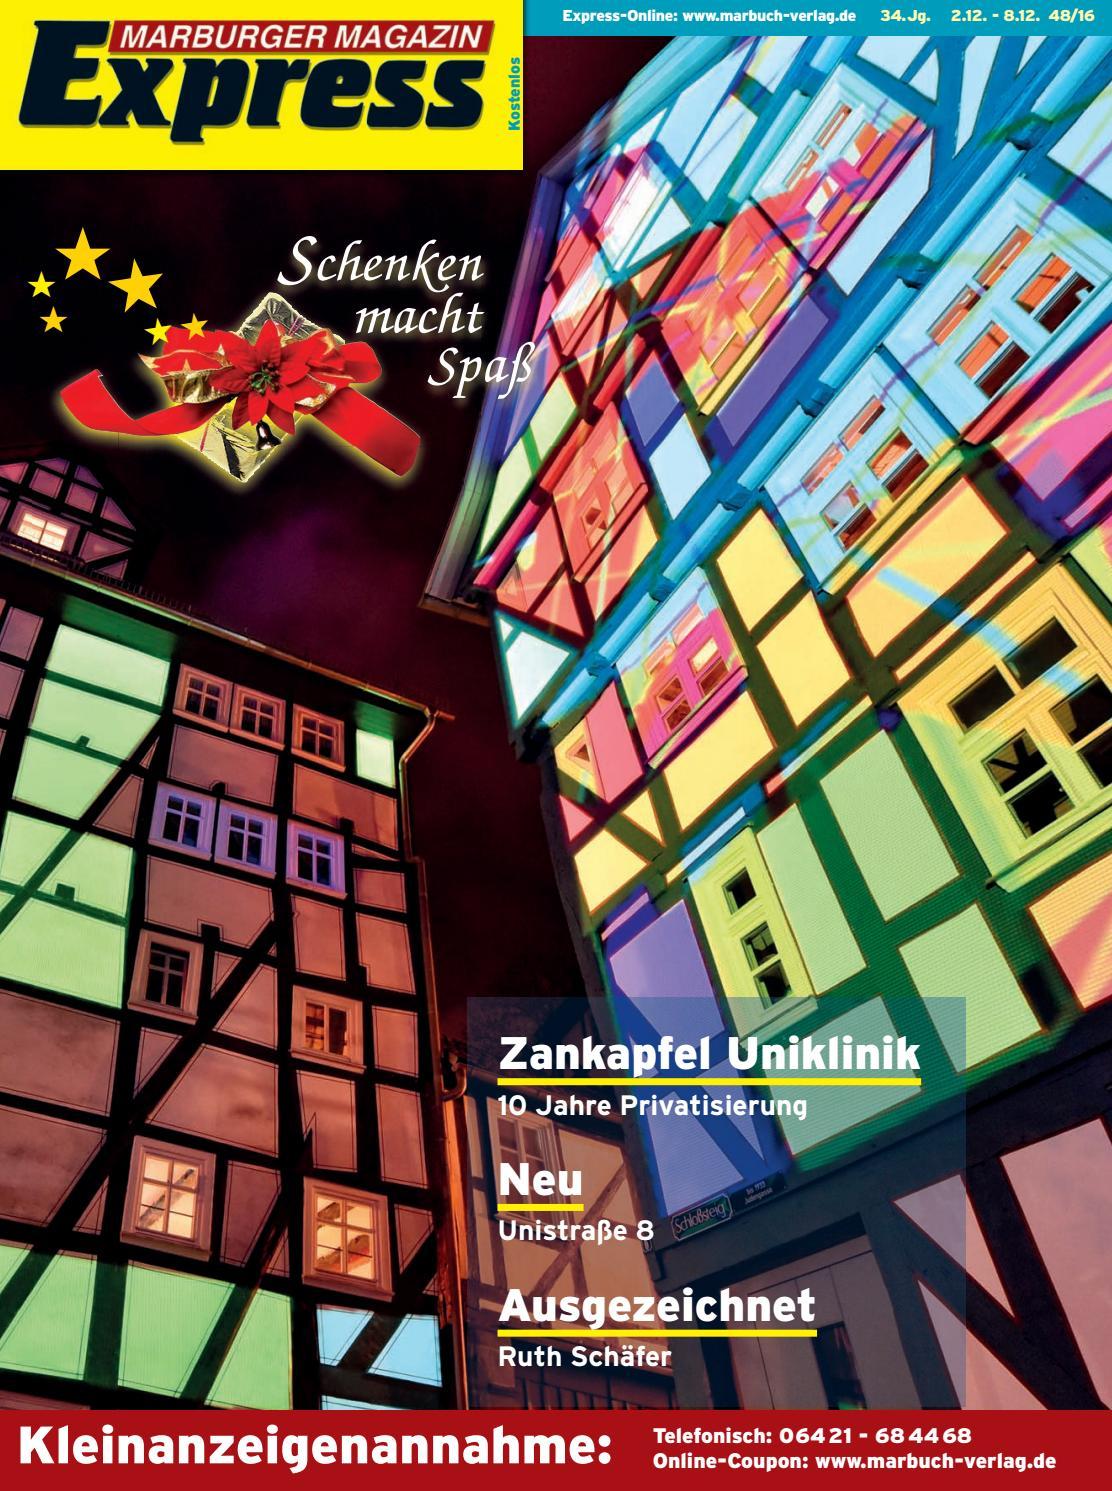 Marburger Magazin Express 48/2016 by Ulrich Butterweck - issuu